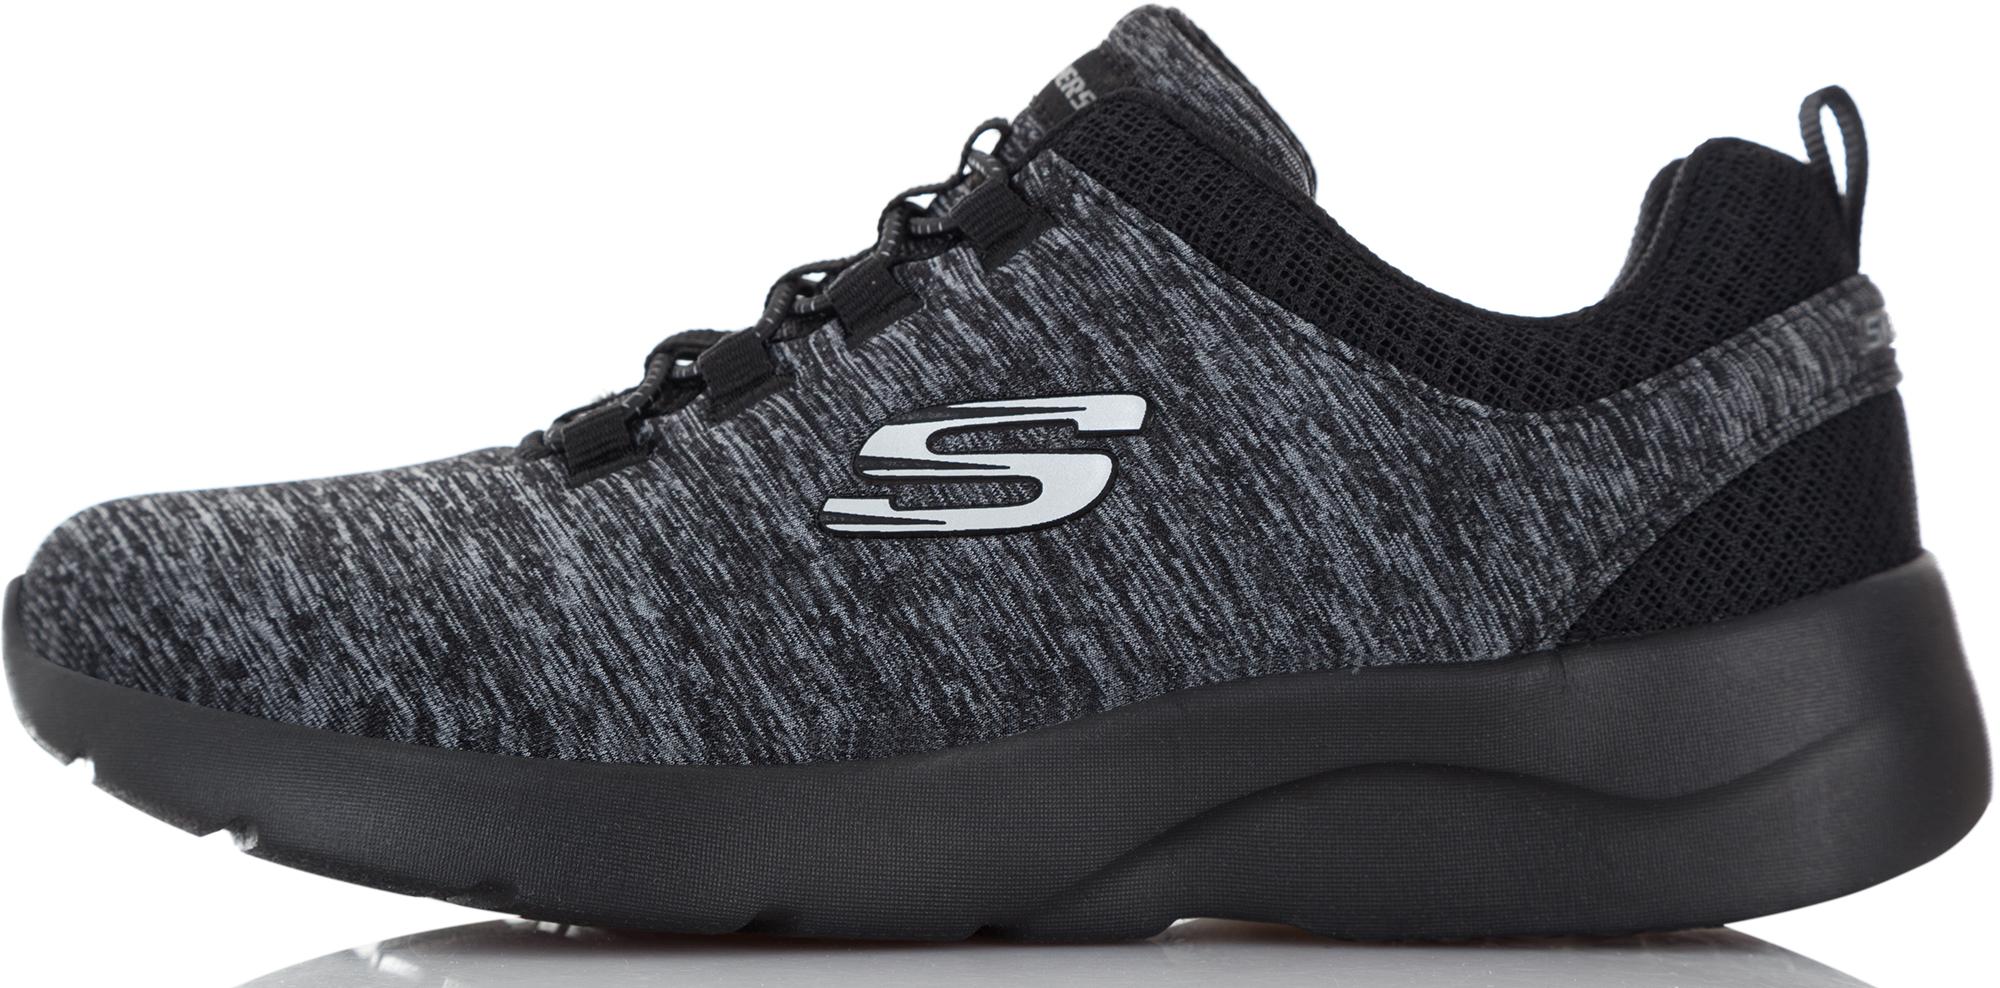 f37e587e0e6e Skechers кроссовки женские skechers dynamight 2 0 размер 40 5